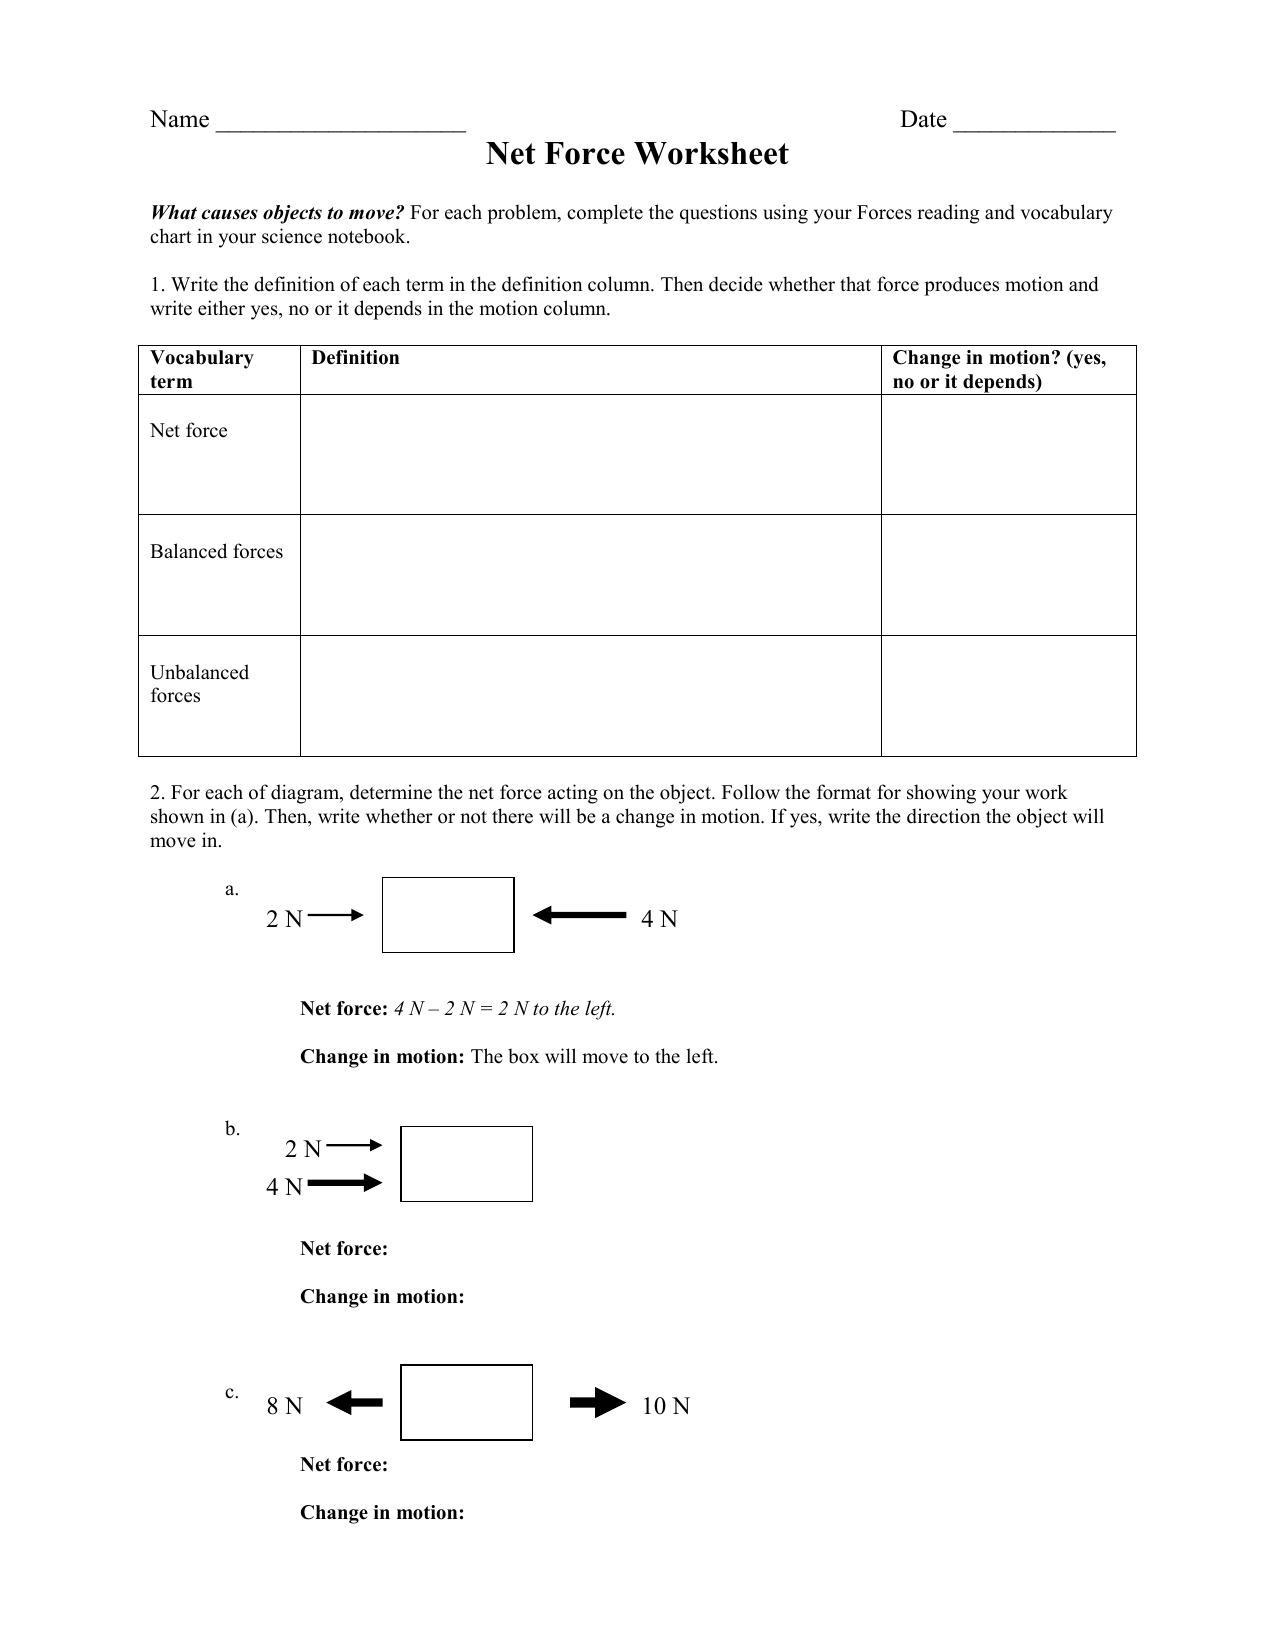 Net Force Worksheet Answer Key Tutore